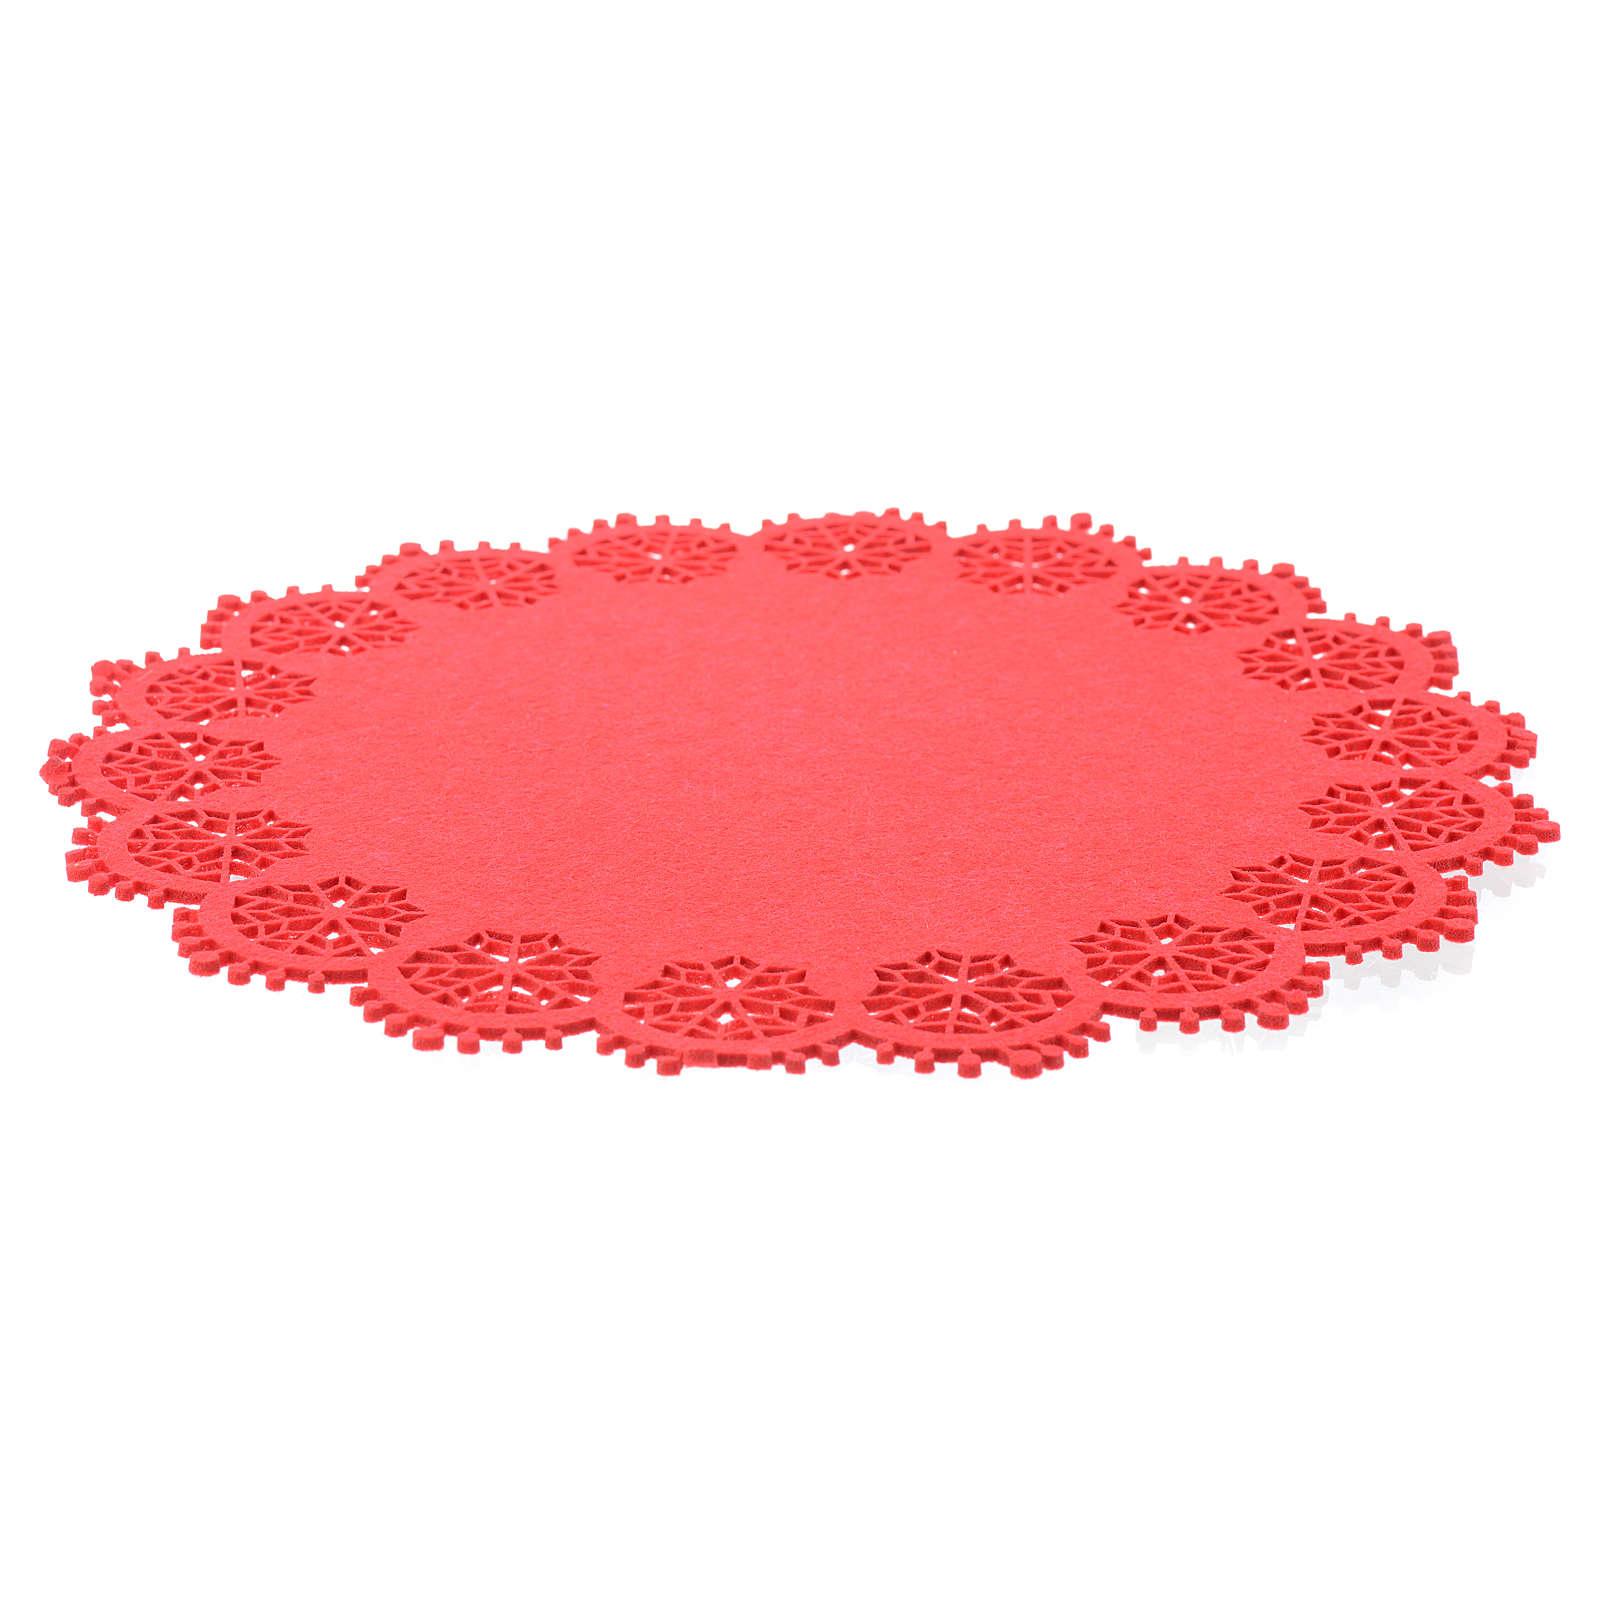 Christmas centrepiece red 33cm diameter 3